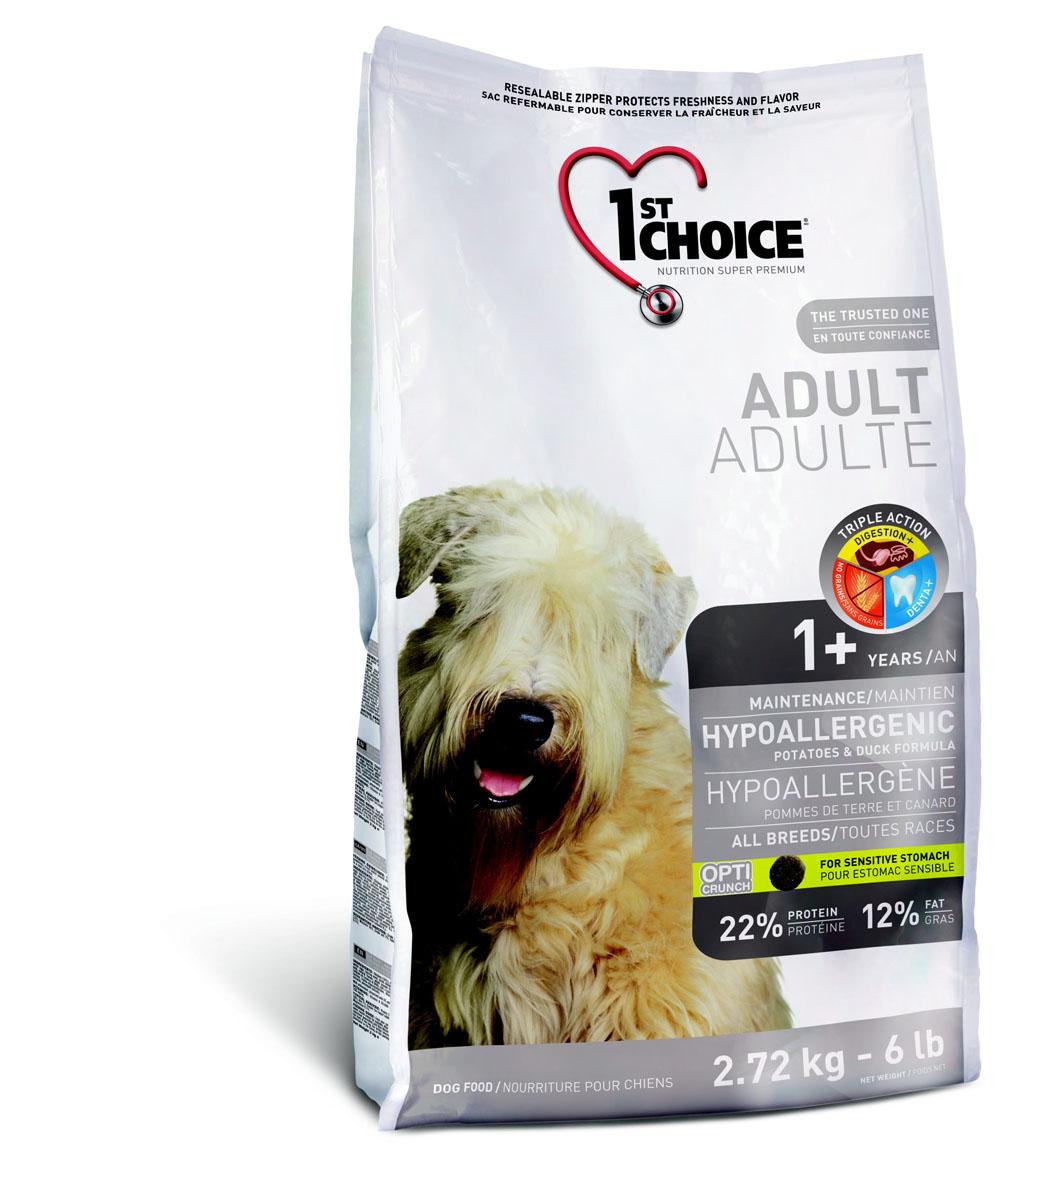 Корм сухой 1st Choice Adult для собак склонных к аллергии, с уткой и картофелем, 2,72 кг56687Корм сухой 1st Choice Adult с мясом утки и картофелем создан специально для взрослых собак с чувствительным желудком и страдающих пищевой аллергией. Свежая утка (источник гипоаллергенных протеинов) - главный ингредиент этой сбалансированной и вкусной формулы. Добавление натуральных пребиотиков, таких как экстракт цикория - источник инулина (фруктоолигосахарид) и дрожжевой экстракт (маннан-олигосахариды) способствует росту и развитию полезной кишечной микрофлоры, которая укрепляет иммунную систему организма. Экстракт имбиря снижает тошноту и газообразование. Превосходное сочетание экстракта зеленого чая, быстрорастворимого витамина С, клетчатки, мяты и петрушки освежает дыхание и обспечивает гигиену зубов и полости рта. Прекрасно адаптирован к короткому ЖКТ собак, особенно подходит для улучшения пищеварения. Хорошо подходит для короткого желудочно-кишечного тракта животных, особенно собакам, страдающим плохим пищеварением. Ингредиенты: картофельная...